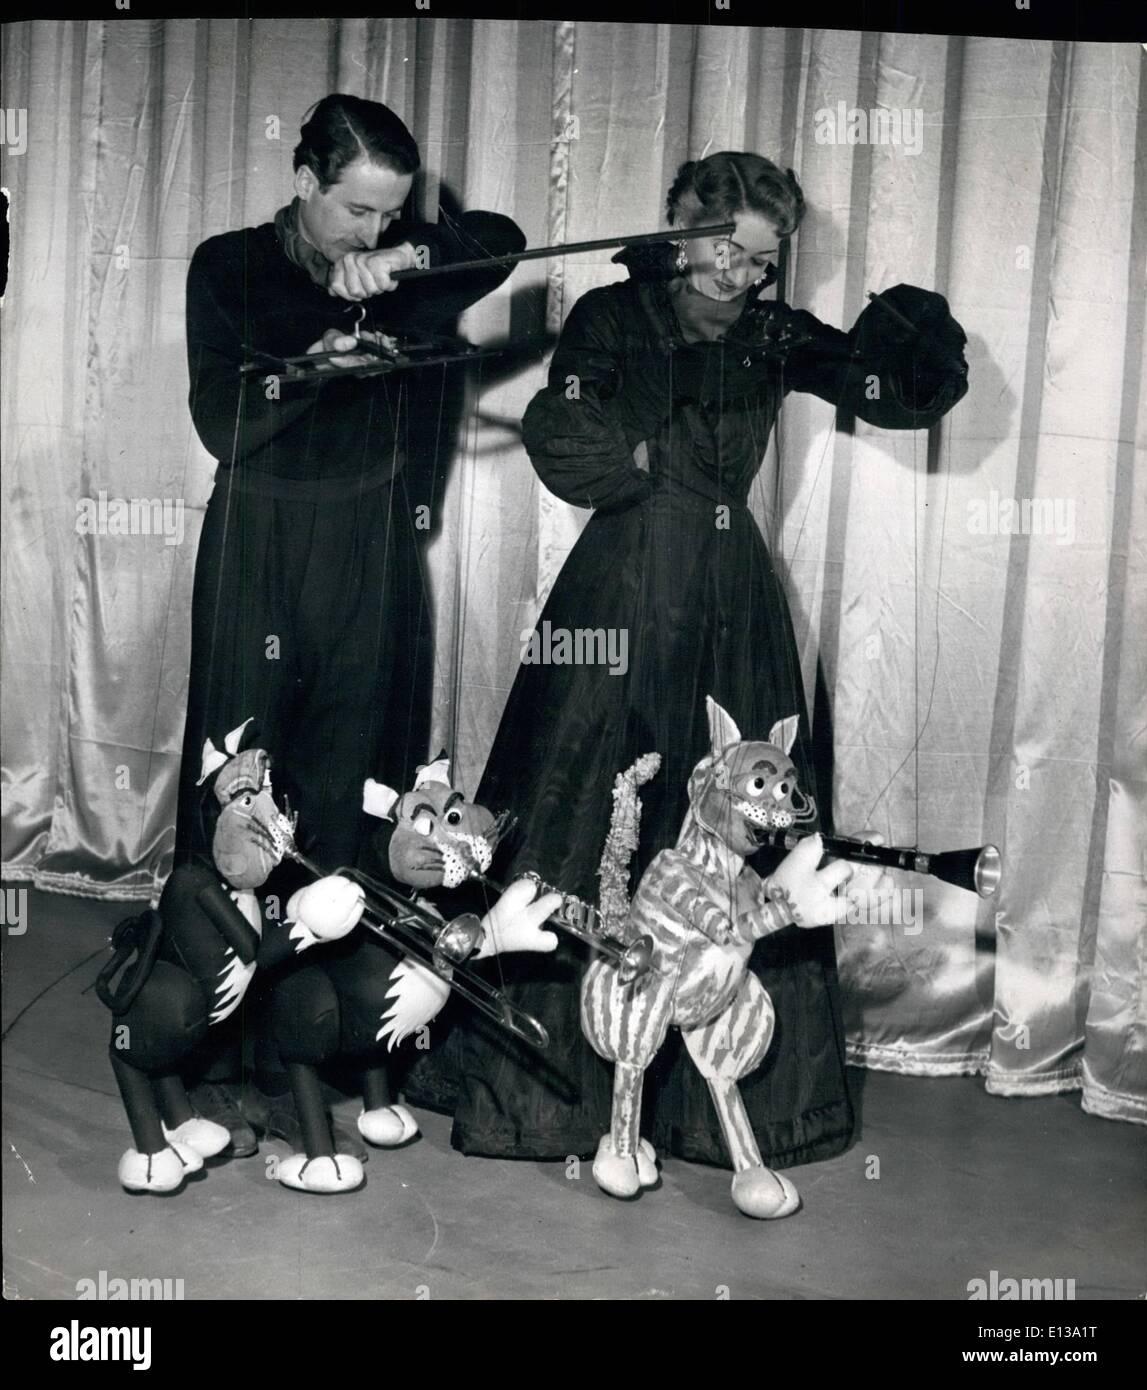 29 février 2012 - Paul annonce Peta Page manipuler les fils qui leur apportent à la vie. Hepcats Le trio voici Marmelade, Tim et Tom. Les chats sur les chaînes de caractères: faisant leur première apparition au Palladium sont deux Australiens qui ont une nouvelle loi sur les marionnettes. Ils sont mari et femme, Paul et Peta Page, et leur loi intelligente s'est révélé un grand succès auprès du public. Ils ont quatre marionnettes chat tous jouer différents instruments de musique, ''Fata'' au piano, ''Marmalade'' sur le clarionet, ''TIM'' sur le trombone et ''Tom' à la trompette, un quartette convenablement nommé ''le'' Hepcats Photo Stock